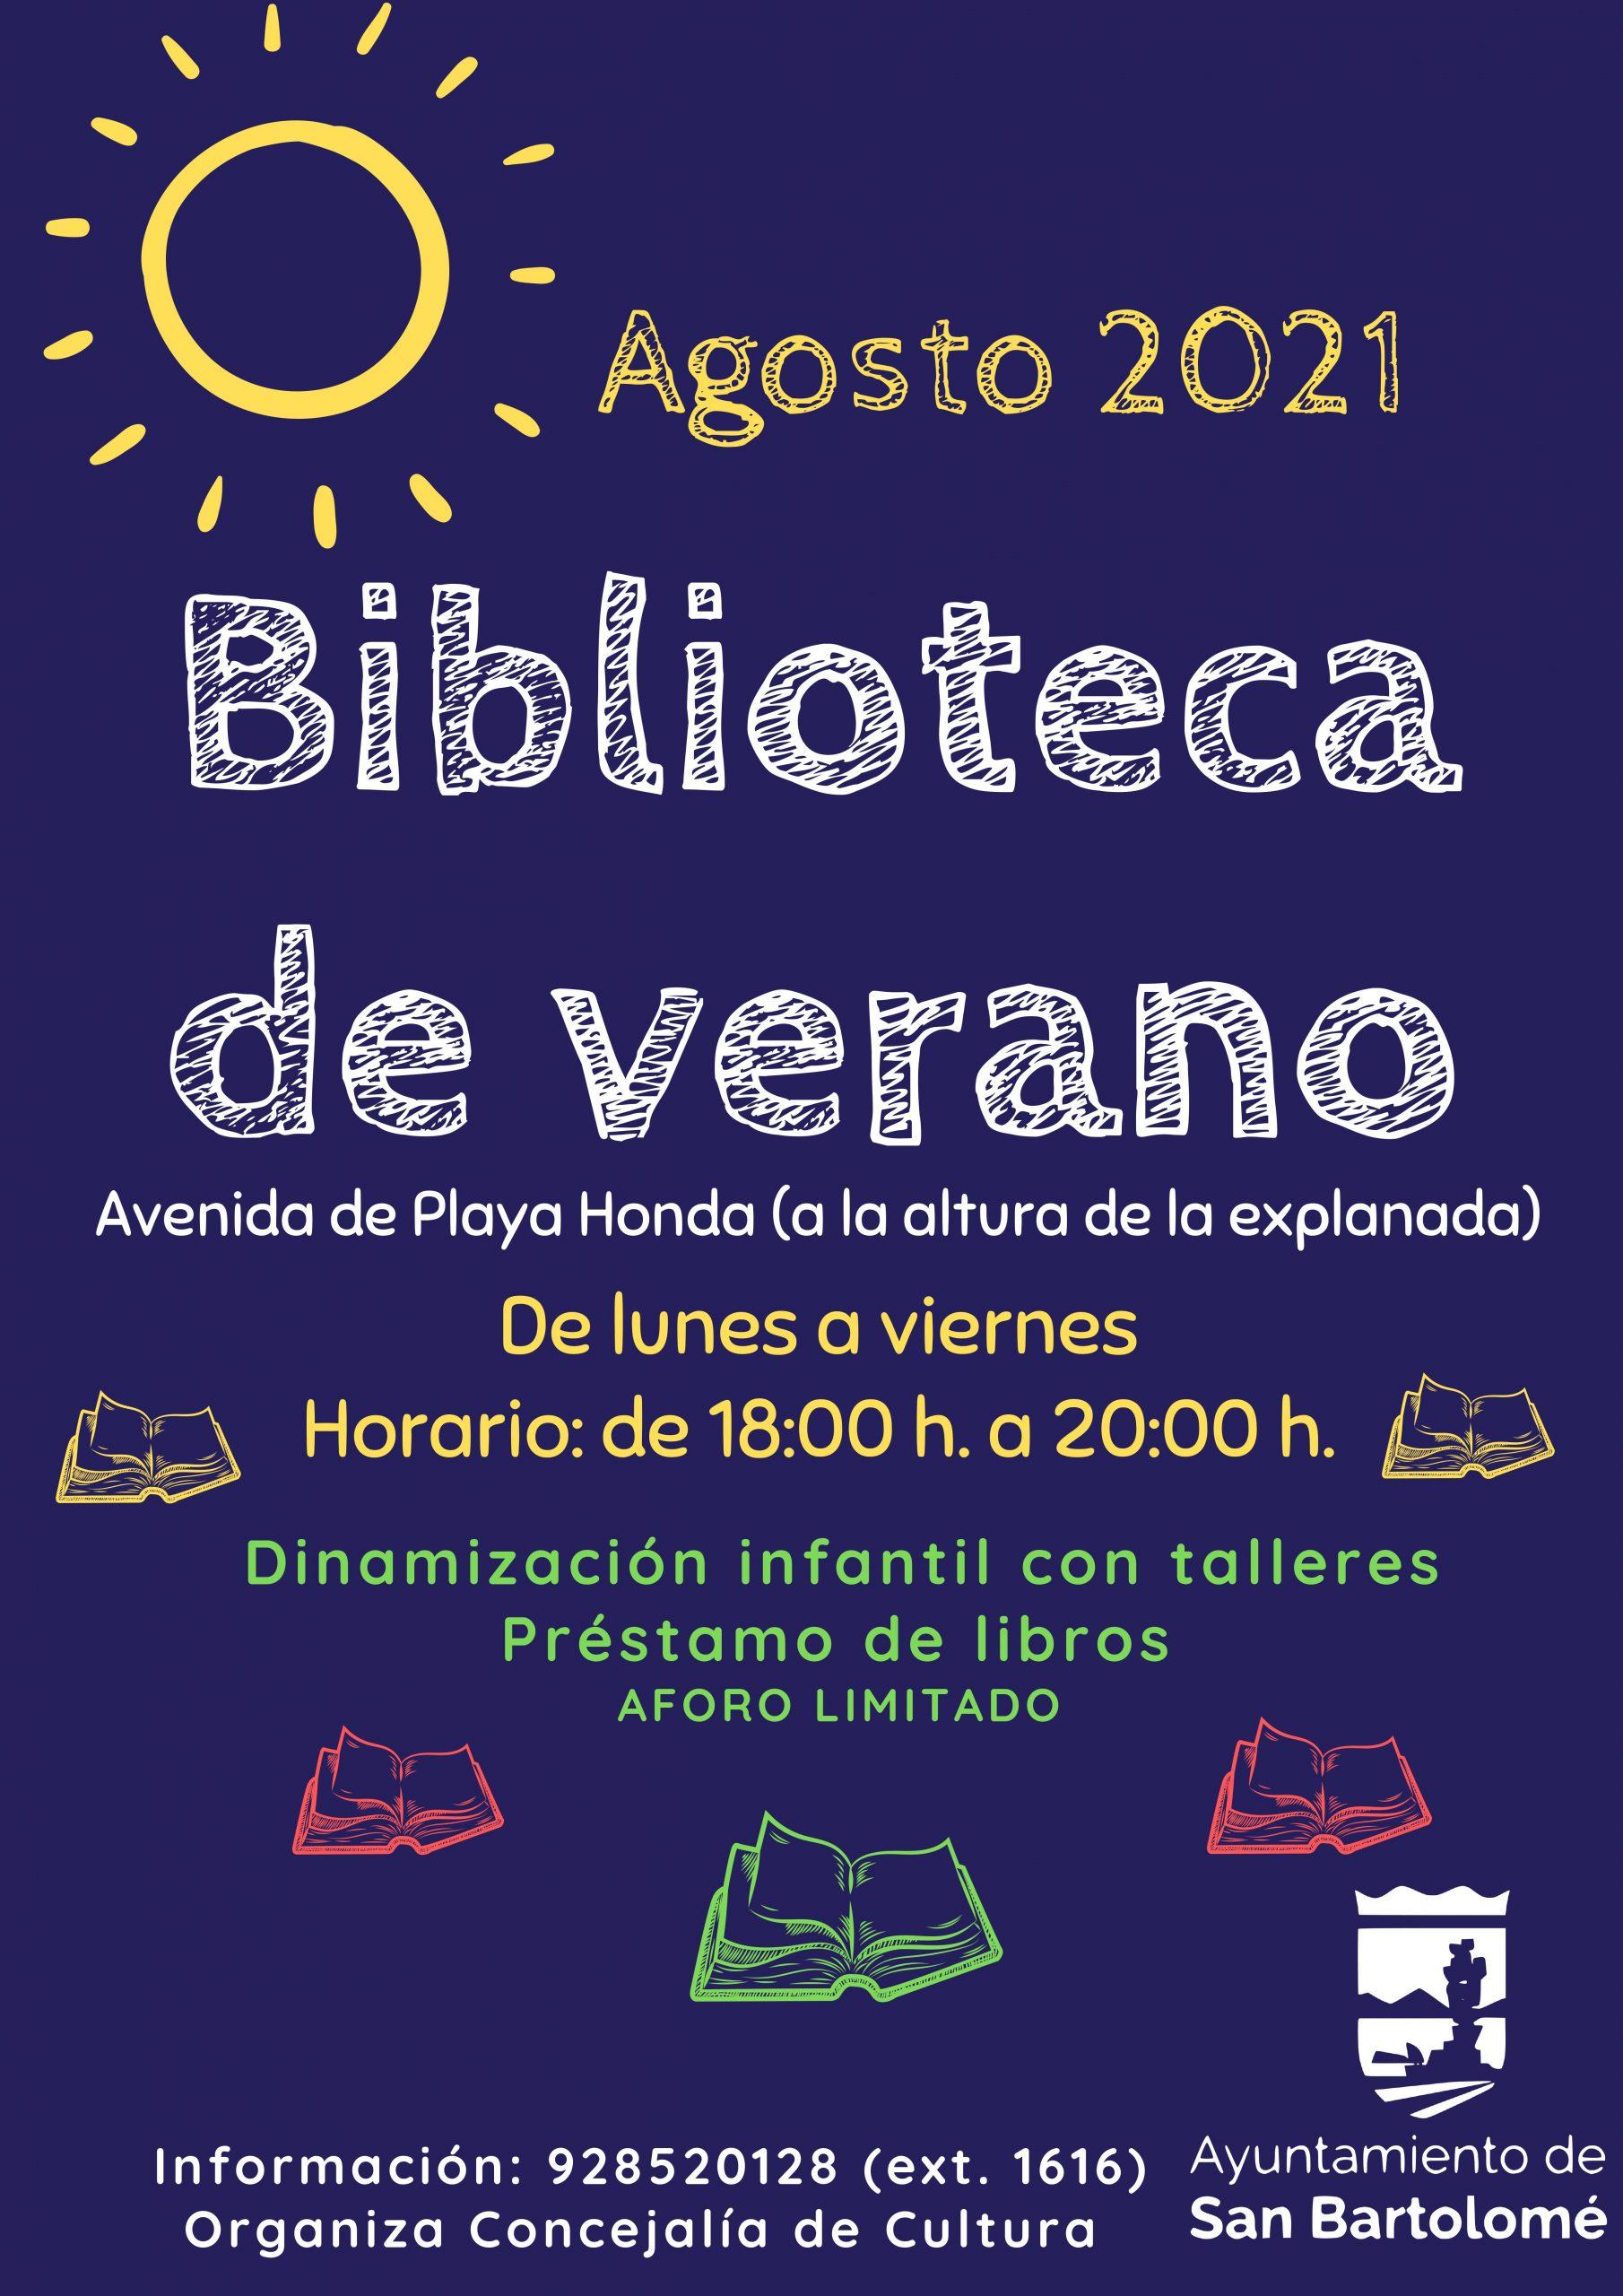 """El Ayuntamiento de San Bartolomé ofrece en el mes de agosto en Playa Honda el servicio de """"Biblioteca de Verano"""" en Guacimeta a la altura de la explanada"""